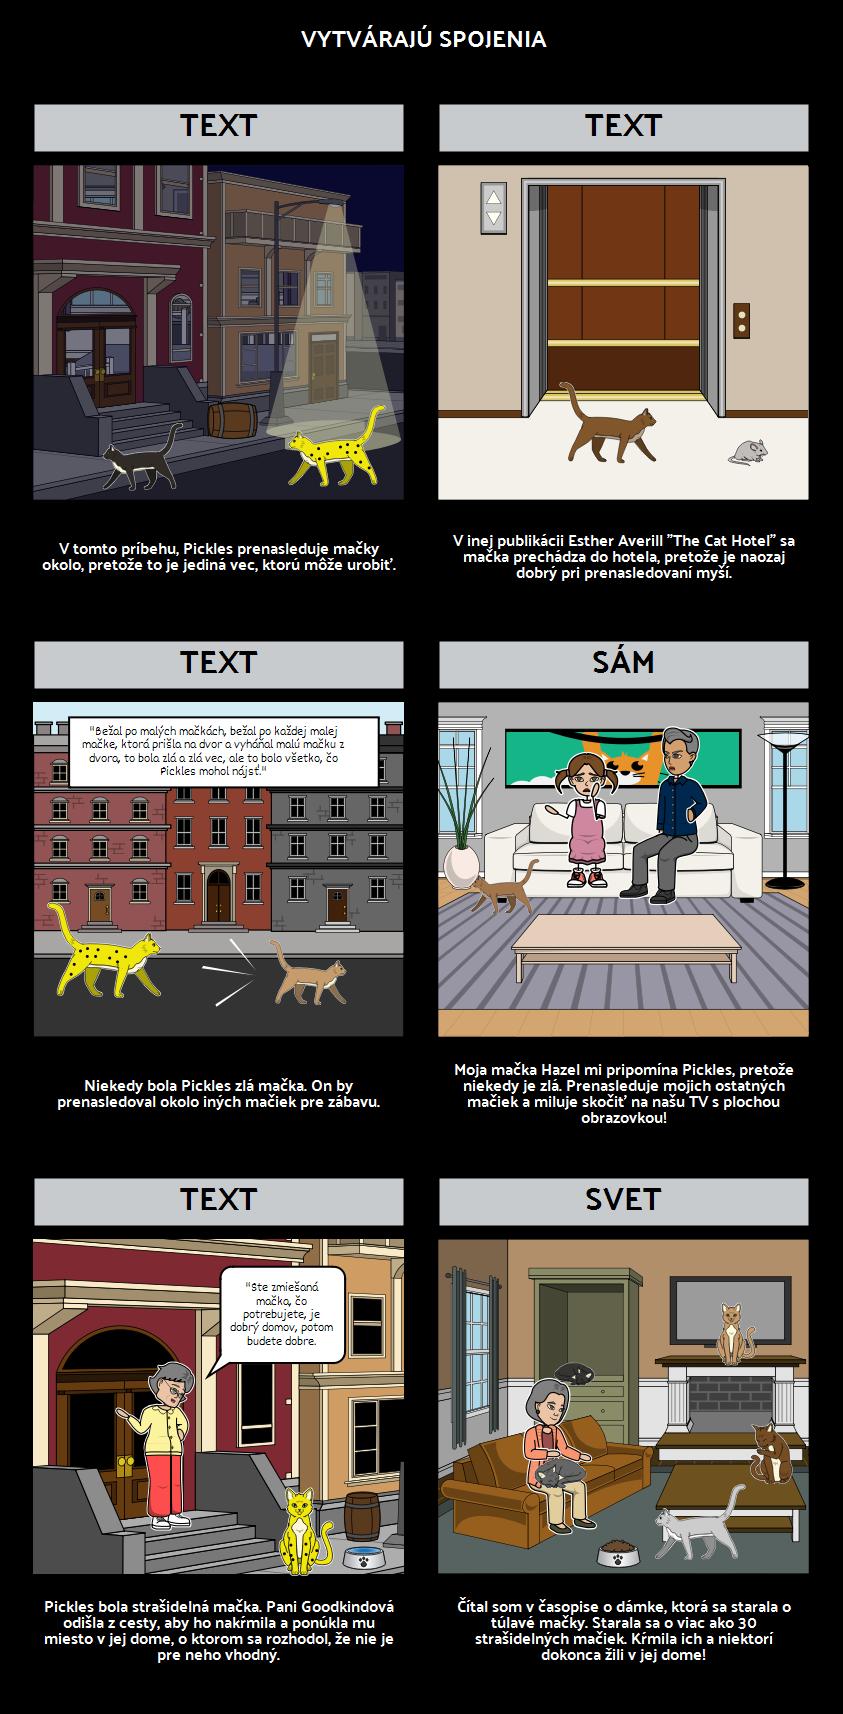 Požiarna Mačka - Vytváranie Spojení